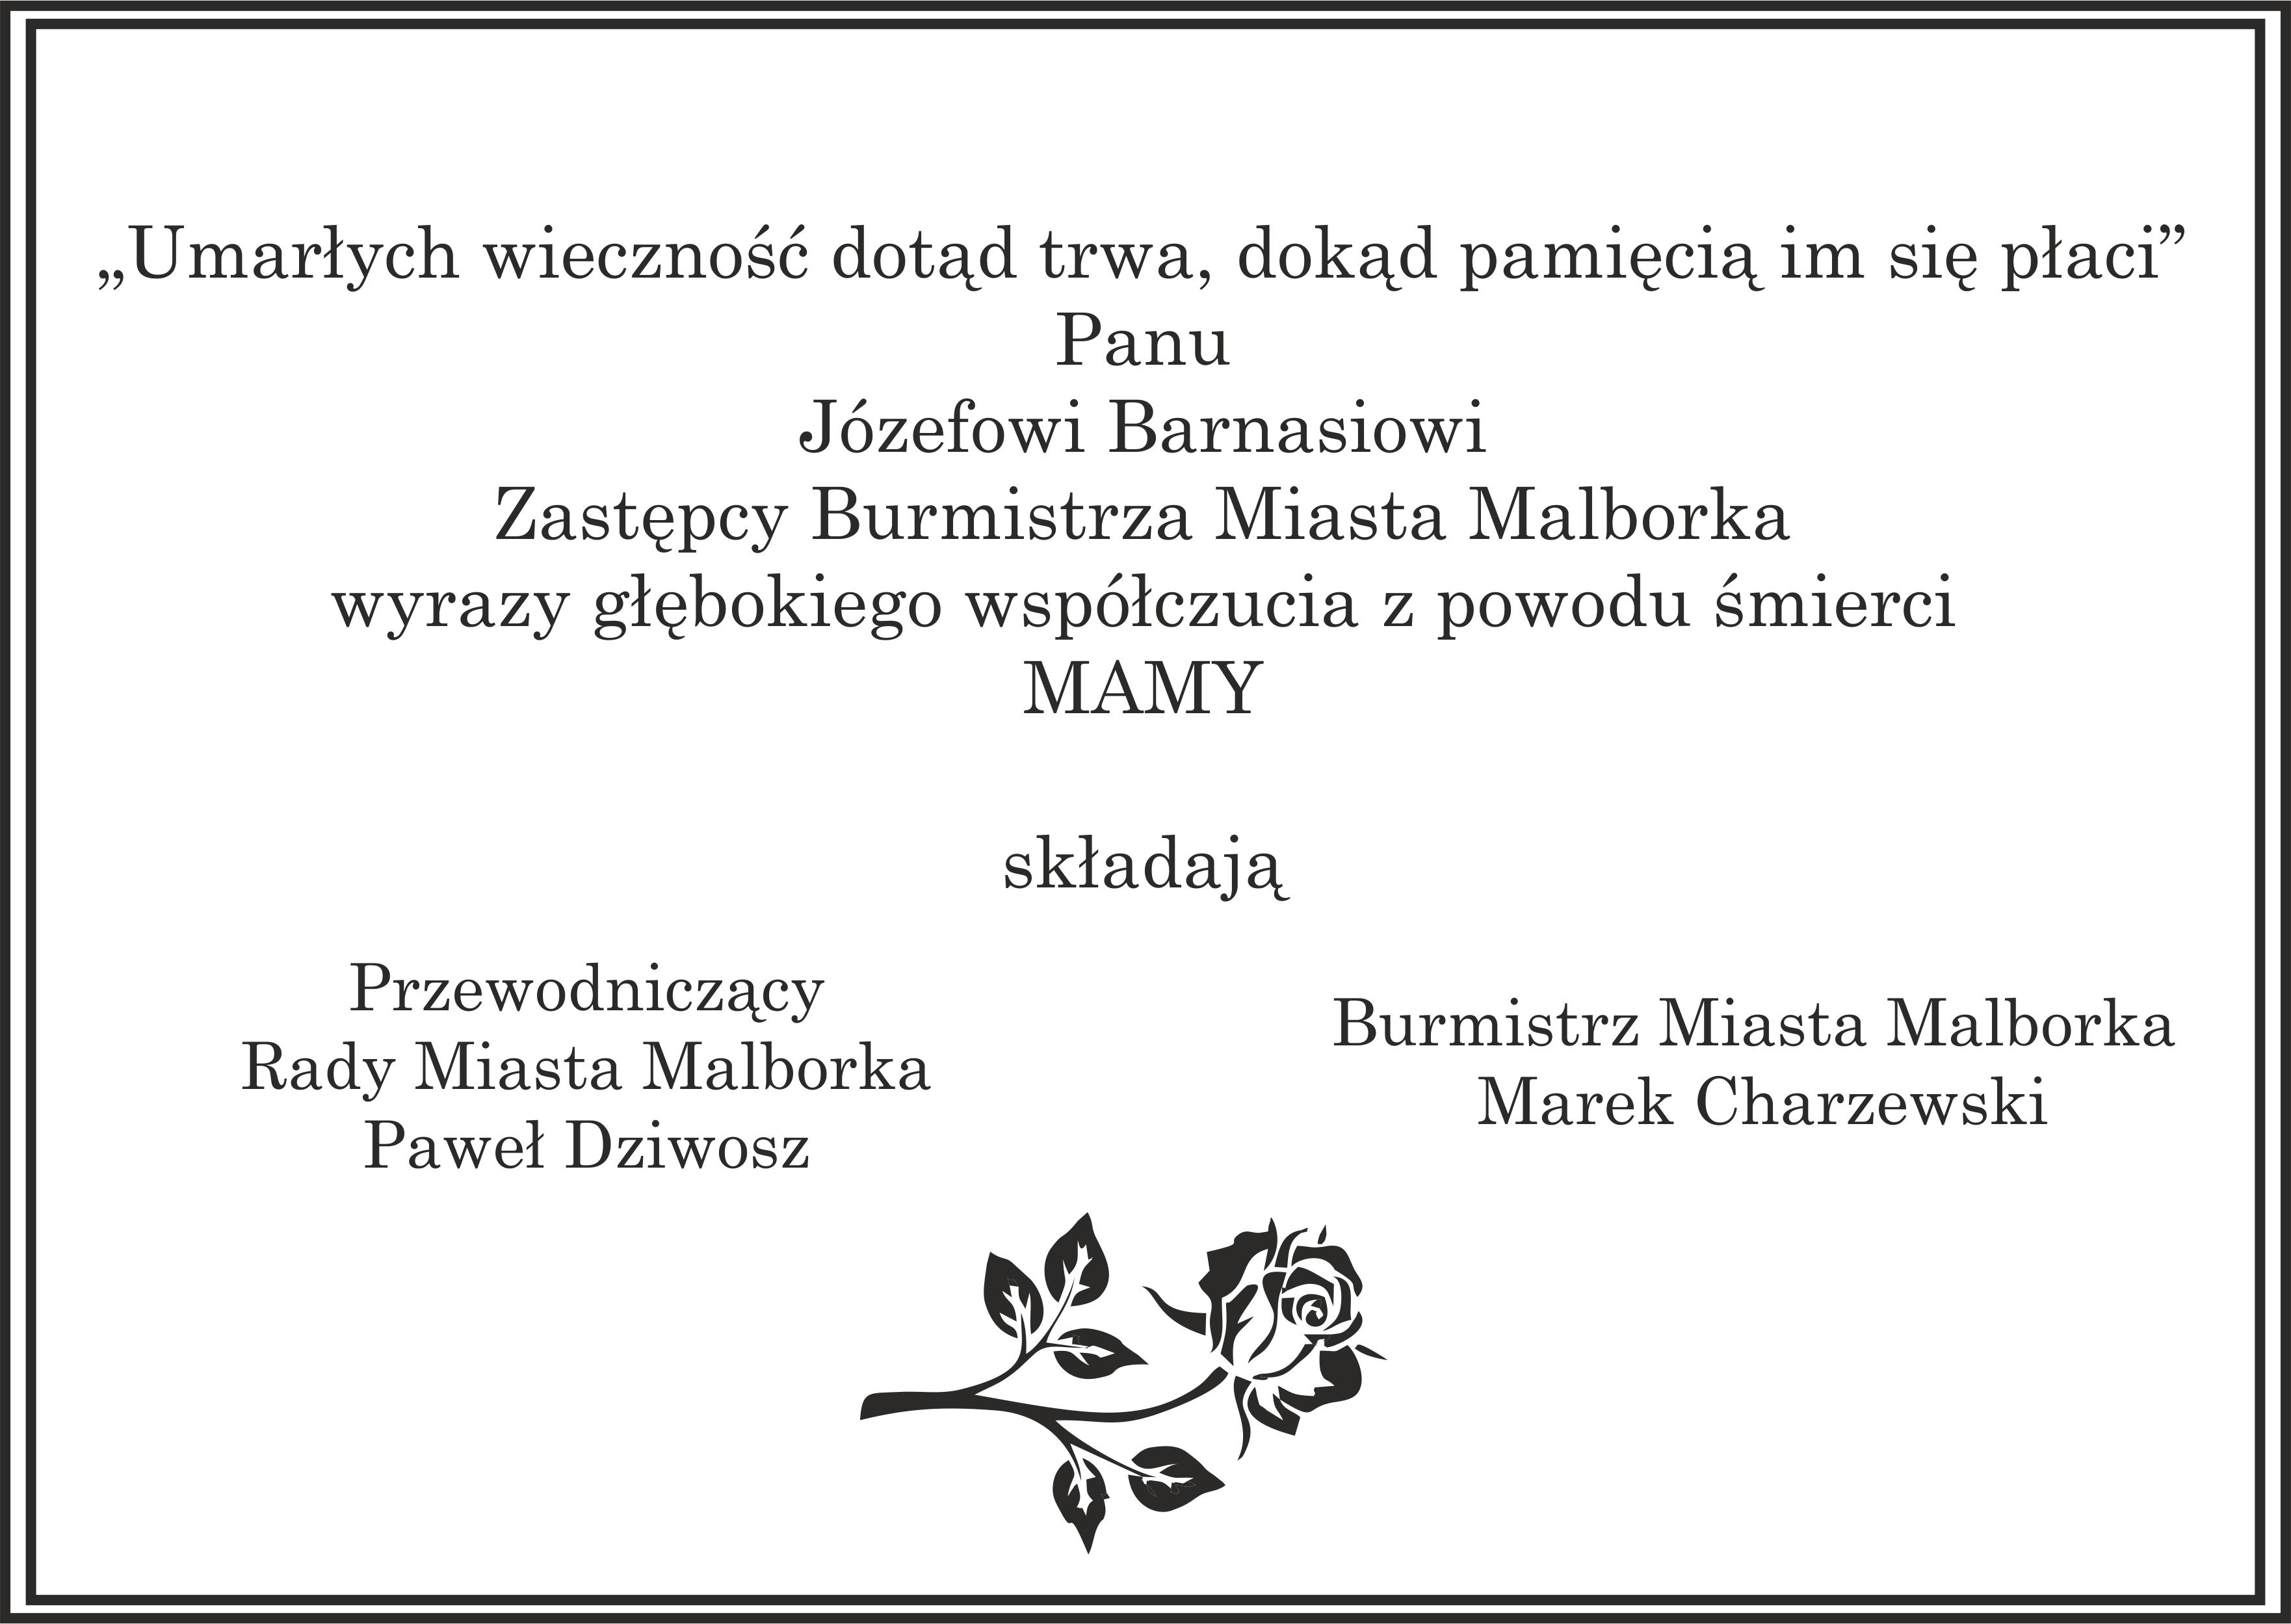 http://m.82-200.pl/2020/07/orig/kondolencje-6320.png